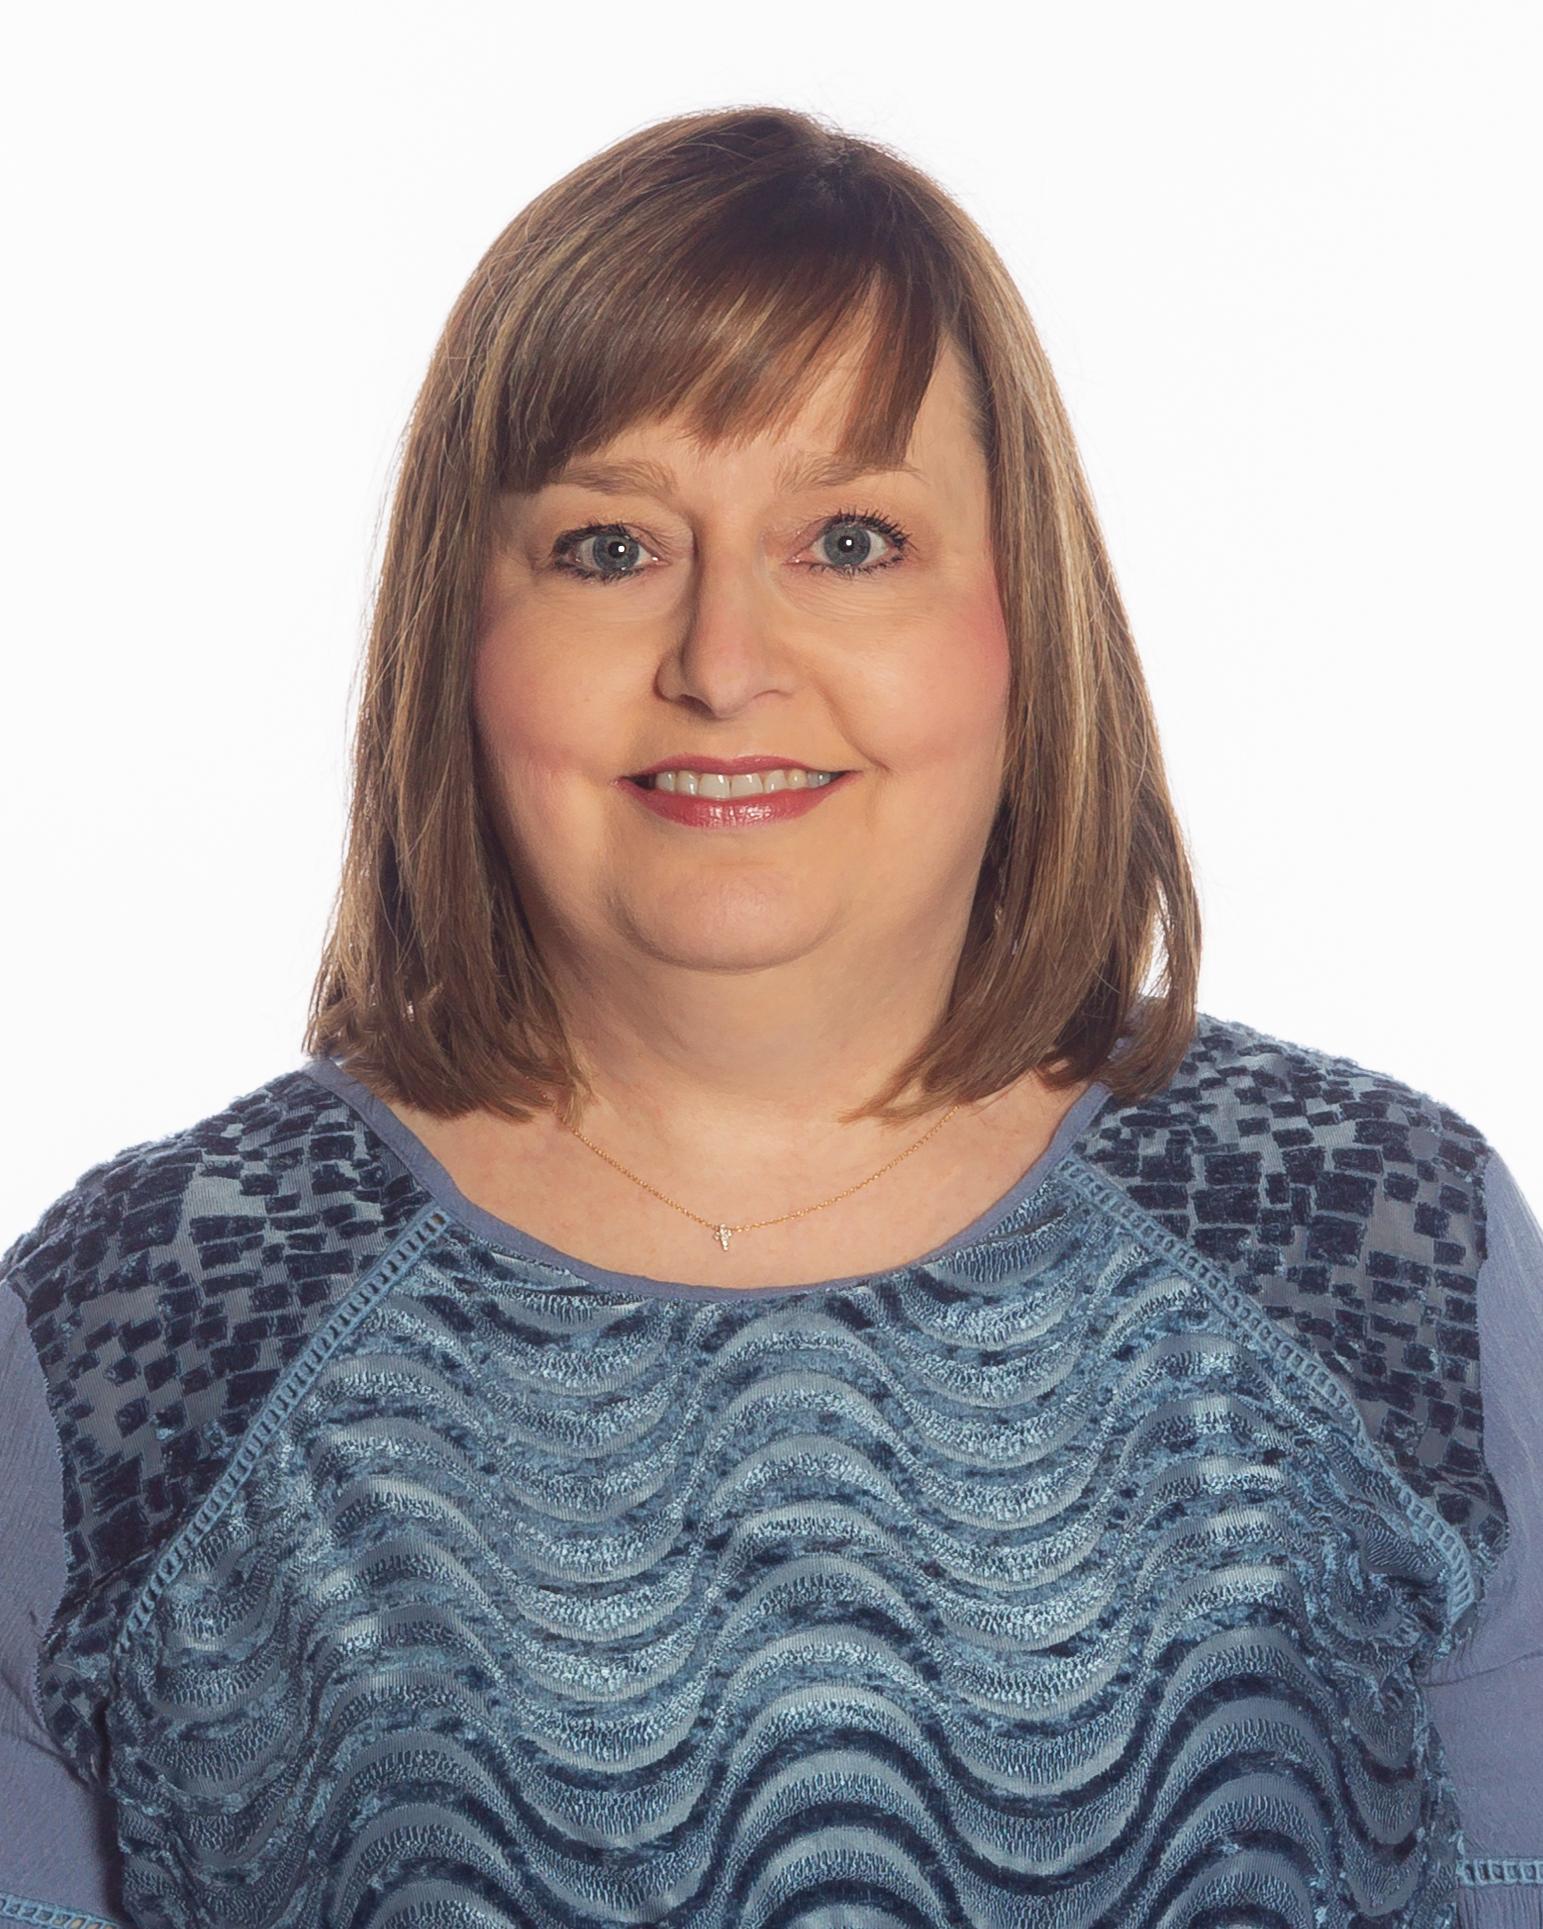 Suzanne Feiner